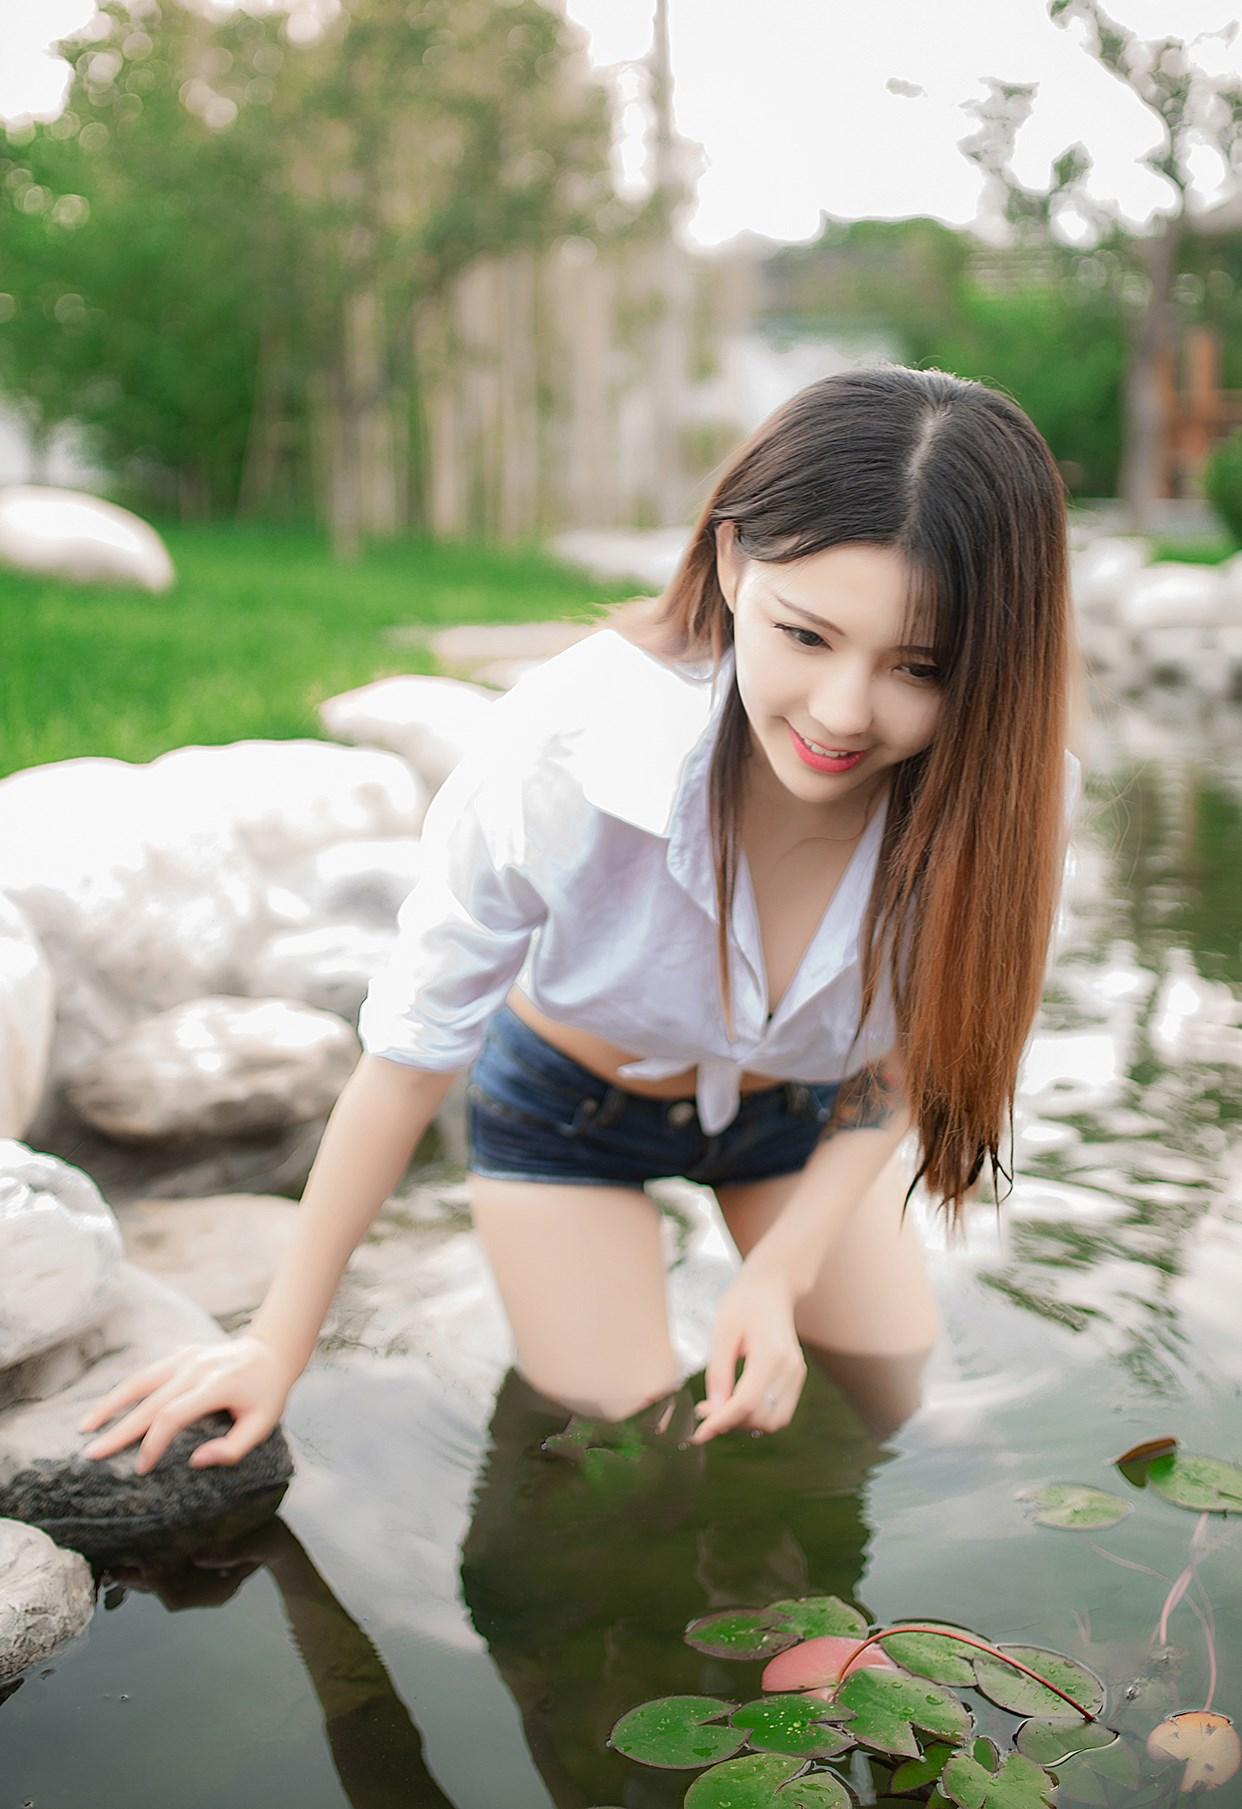 【兔玩映画】湿身girl 兔玩映画 第3张